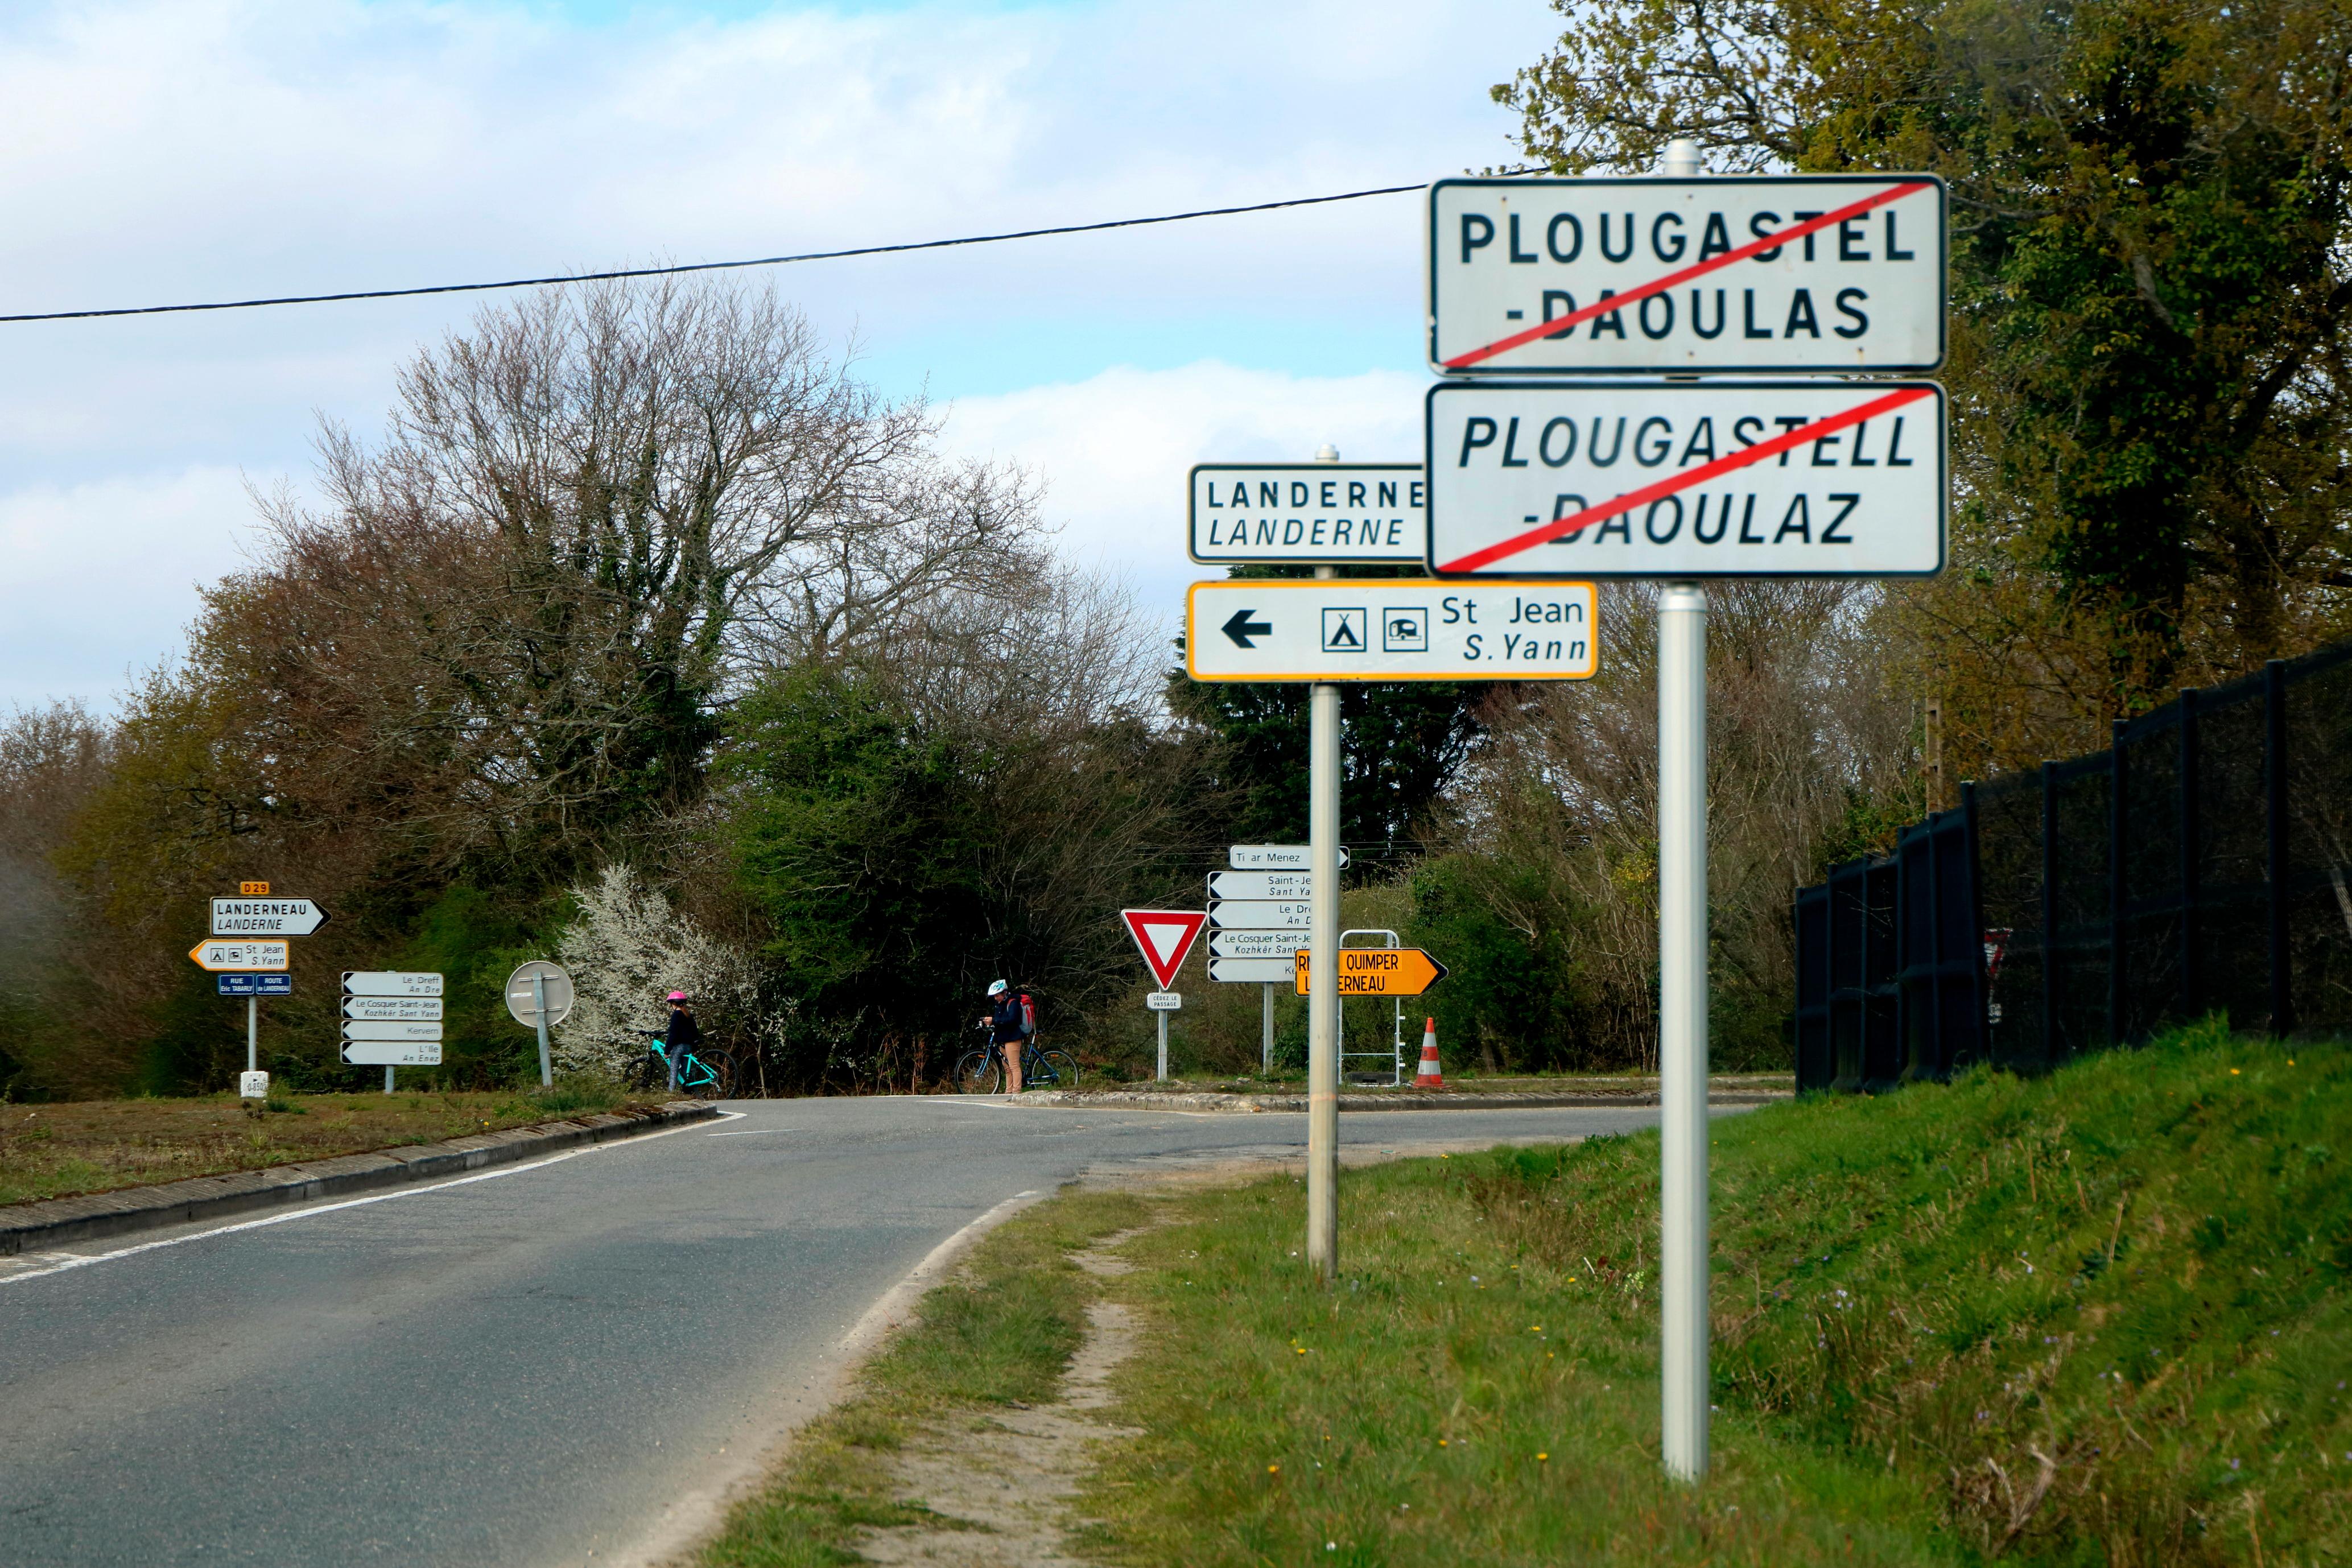 Saint-Jean-05-04-101